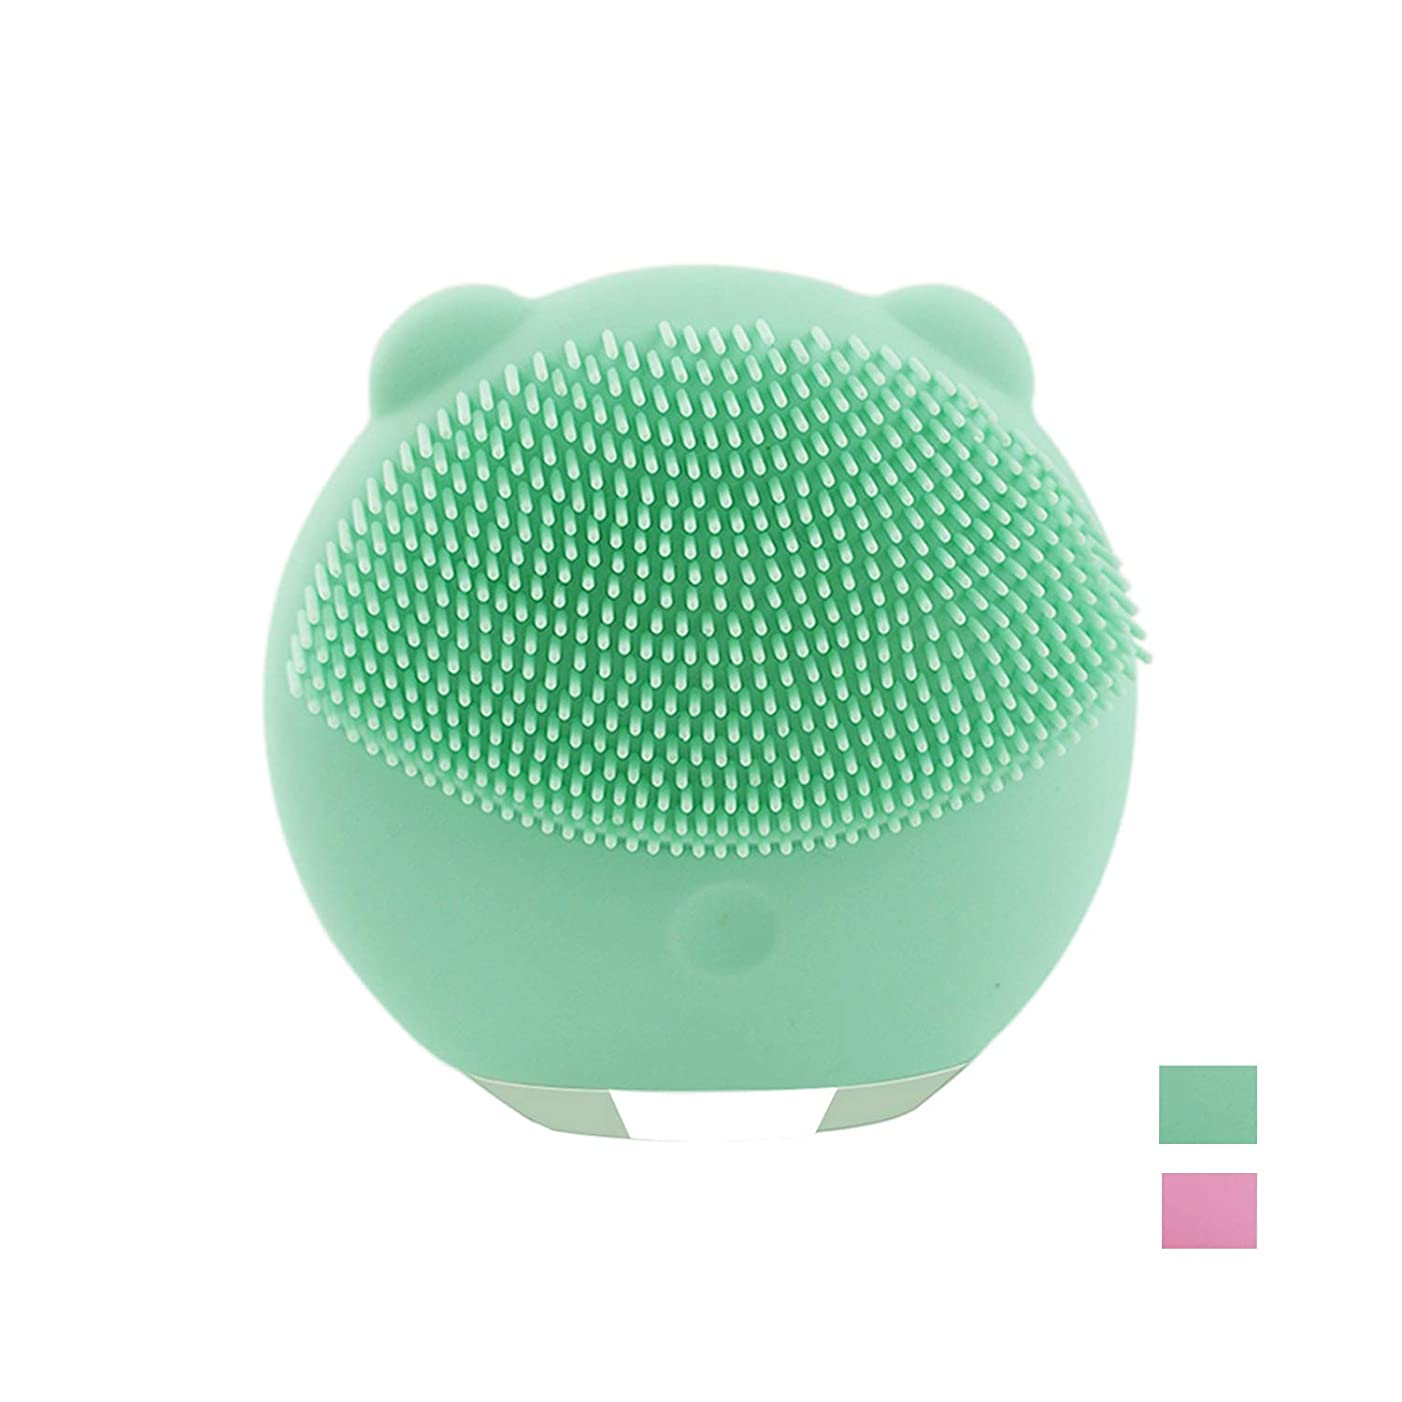 カッターボート広範囲に電動 洗顔ブラシ 音波洗顔 ボデイーブラシ 毛穴ケア 美顔器 クレンジング フェイスブラシ USB充電 防水式 洗顔器 3種の振動モード (ライトグリーン)